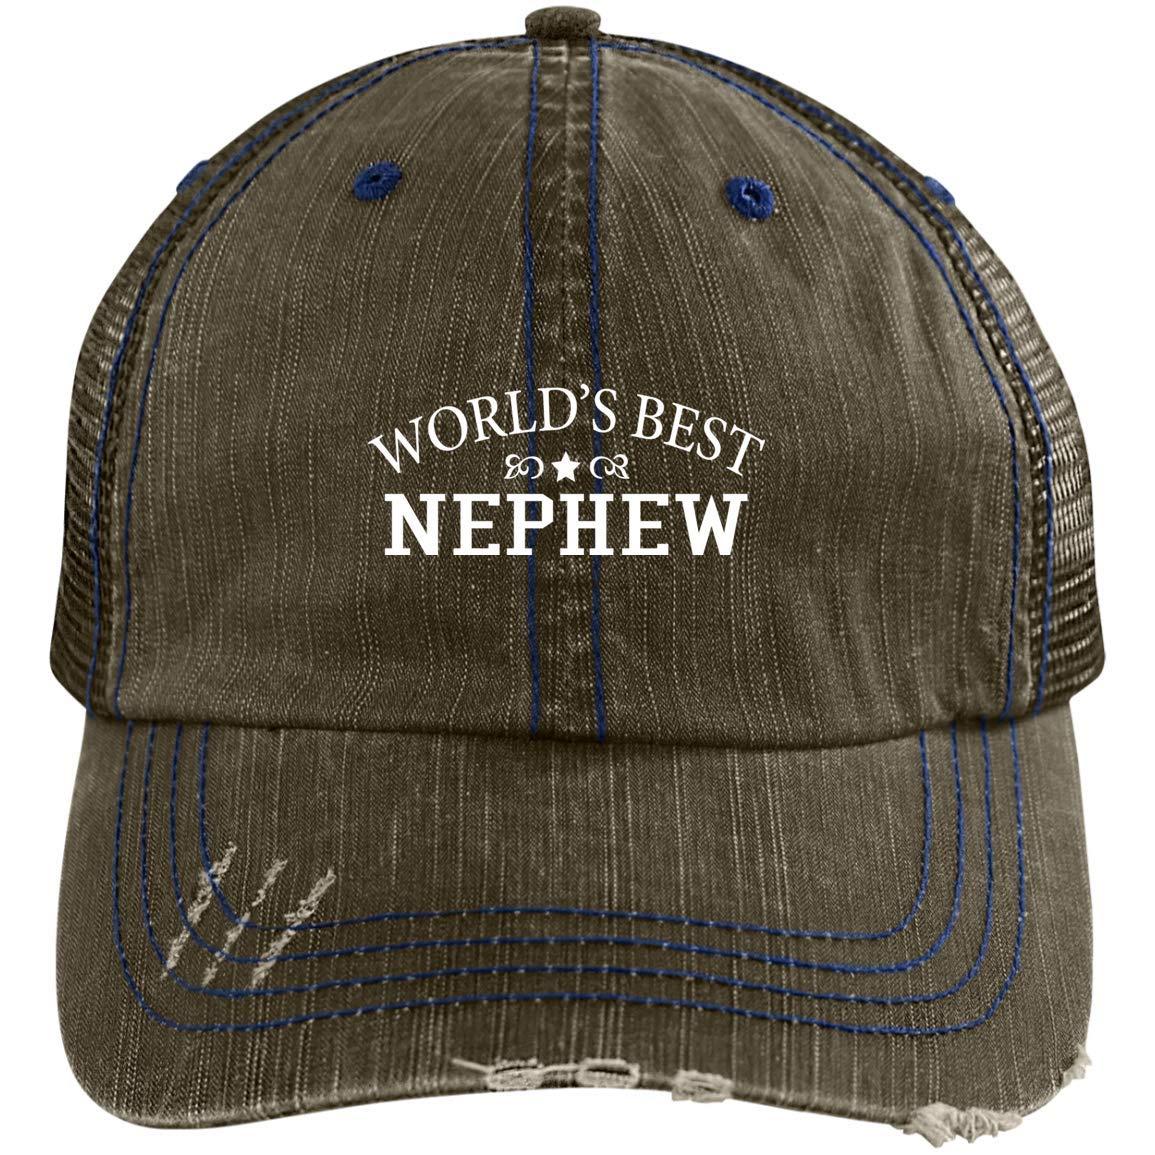 Worlds Best Nephew Baseball Cap Gift for Nephew Nephew Hat Nephew Baseball Hat Gift for Nephew Nephew Hat for Nephew